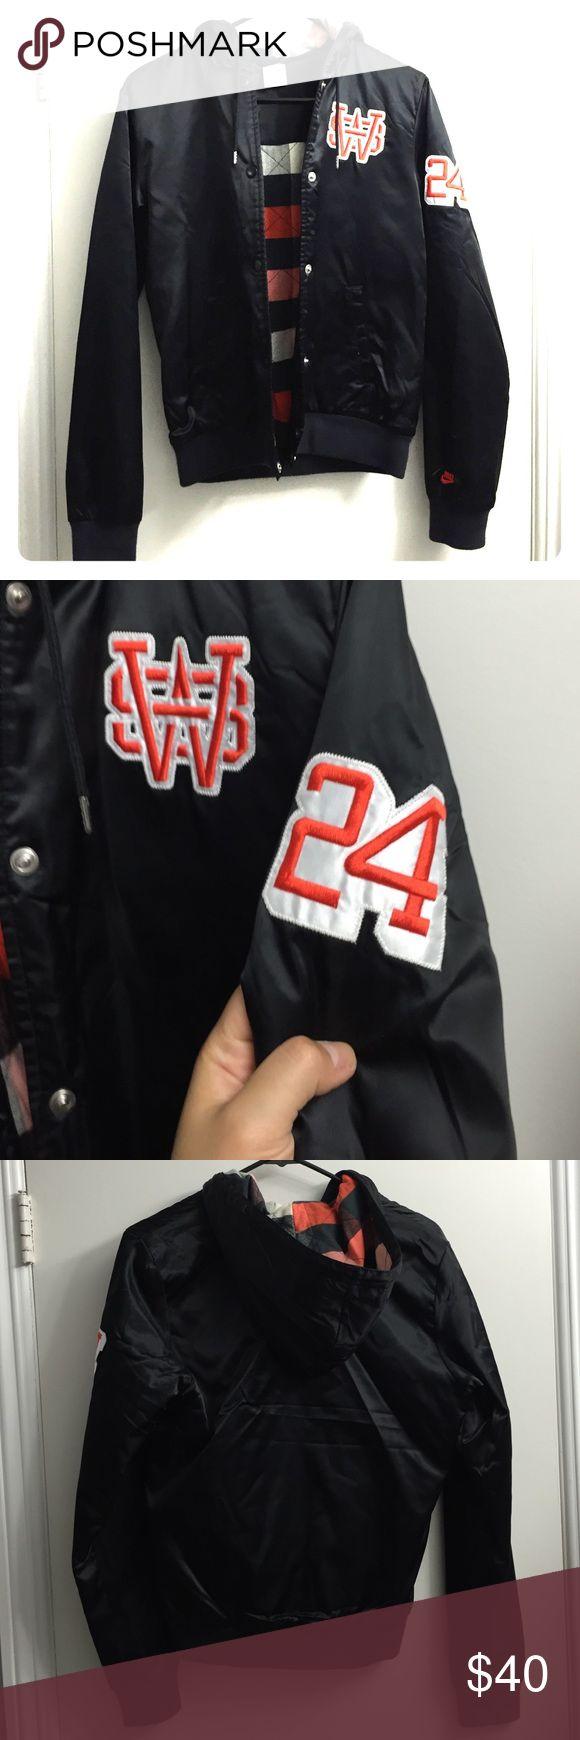 Women's Nike Varsity Jacket Authentic and like new. Nike Jackets & Coats